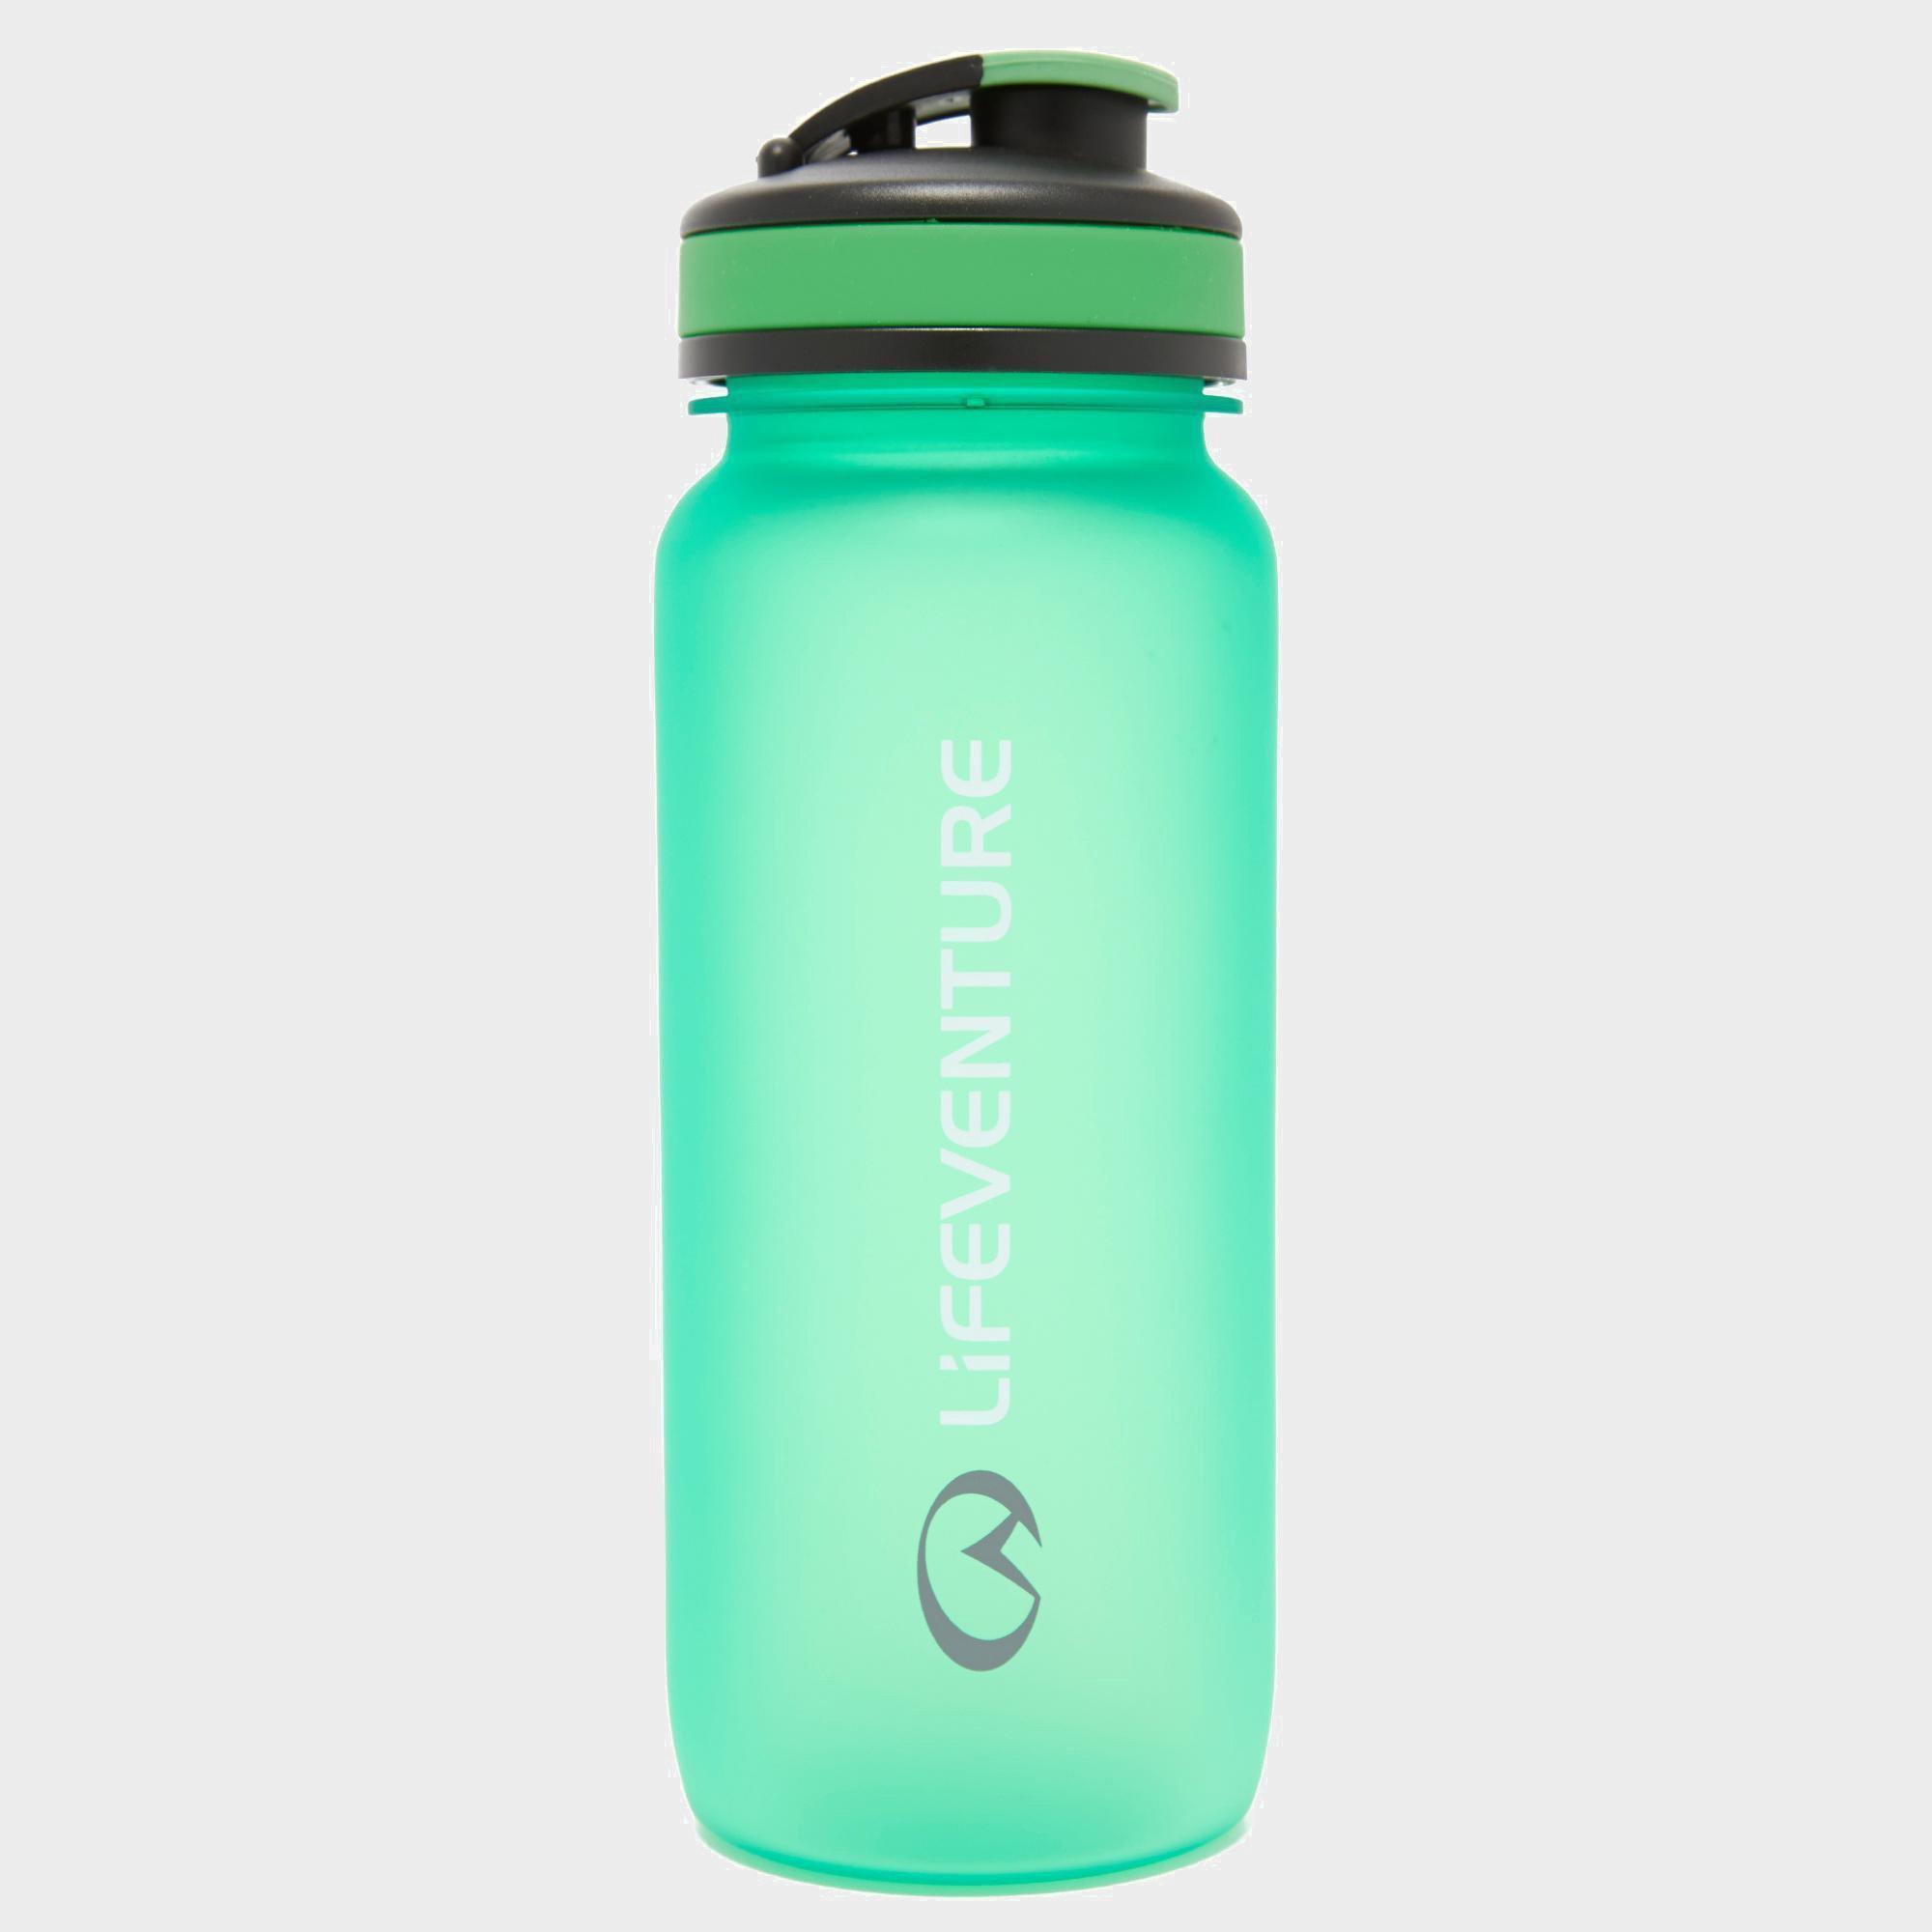 Lifeventure Lifeventure Tritan 650ml Bottle - Green, Green